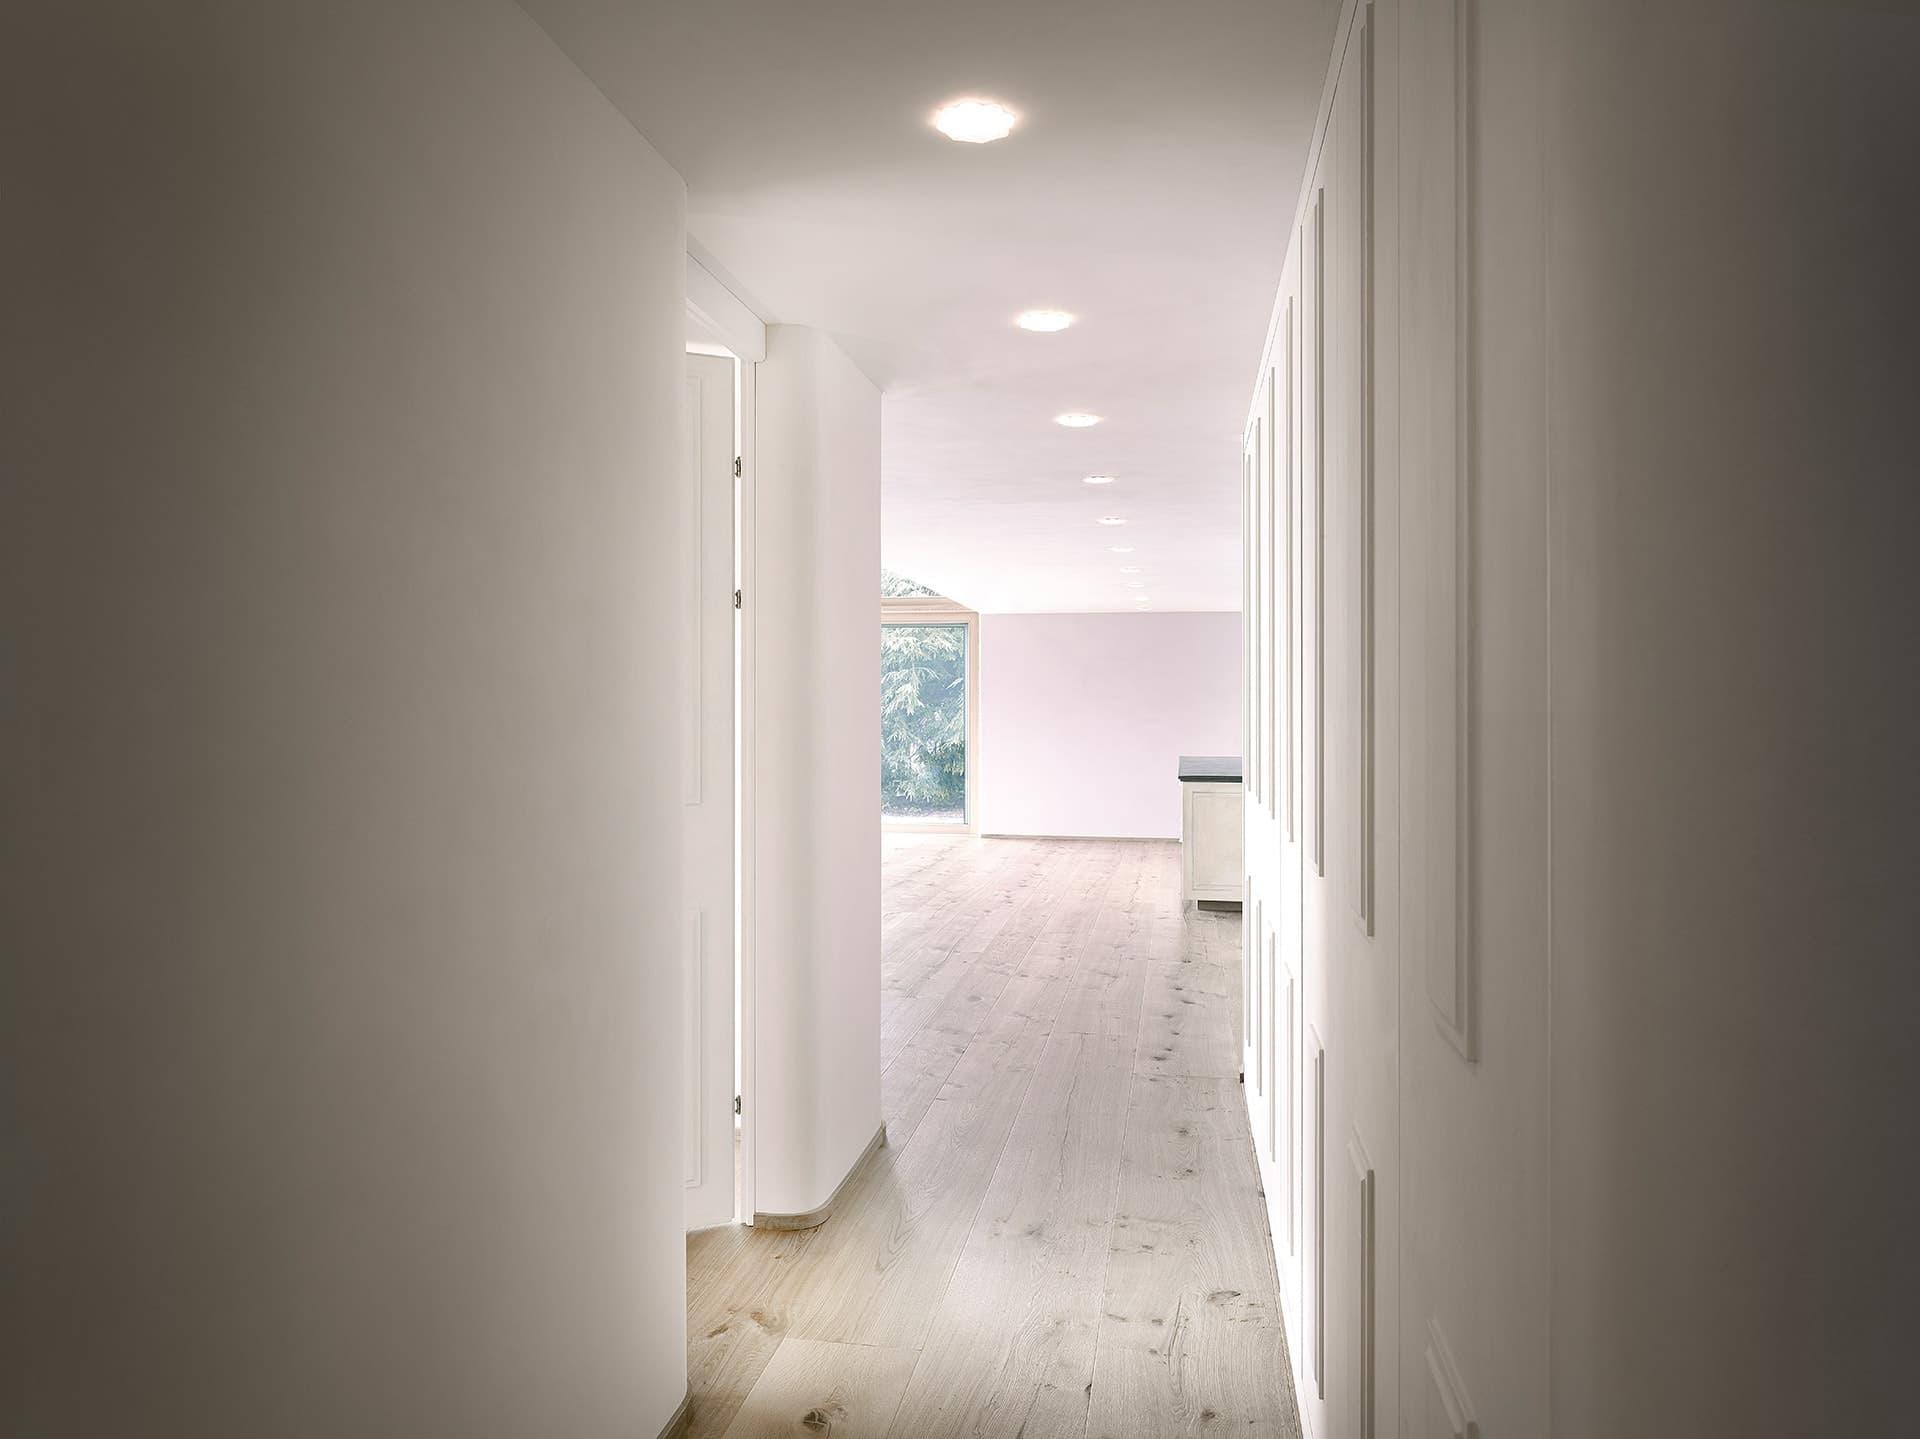 venuti-architects_CF003309-3